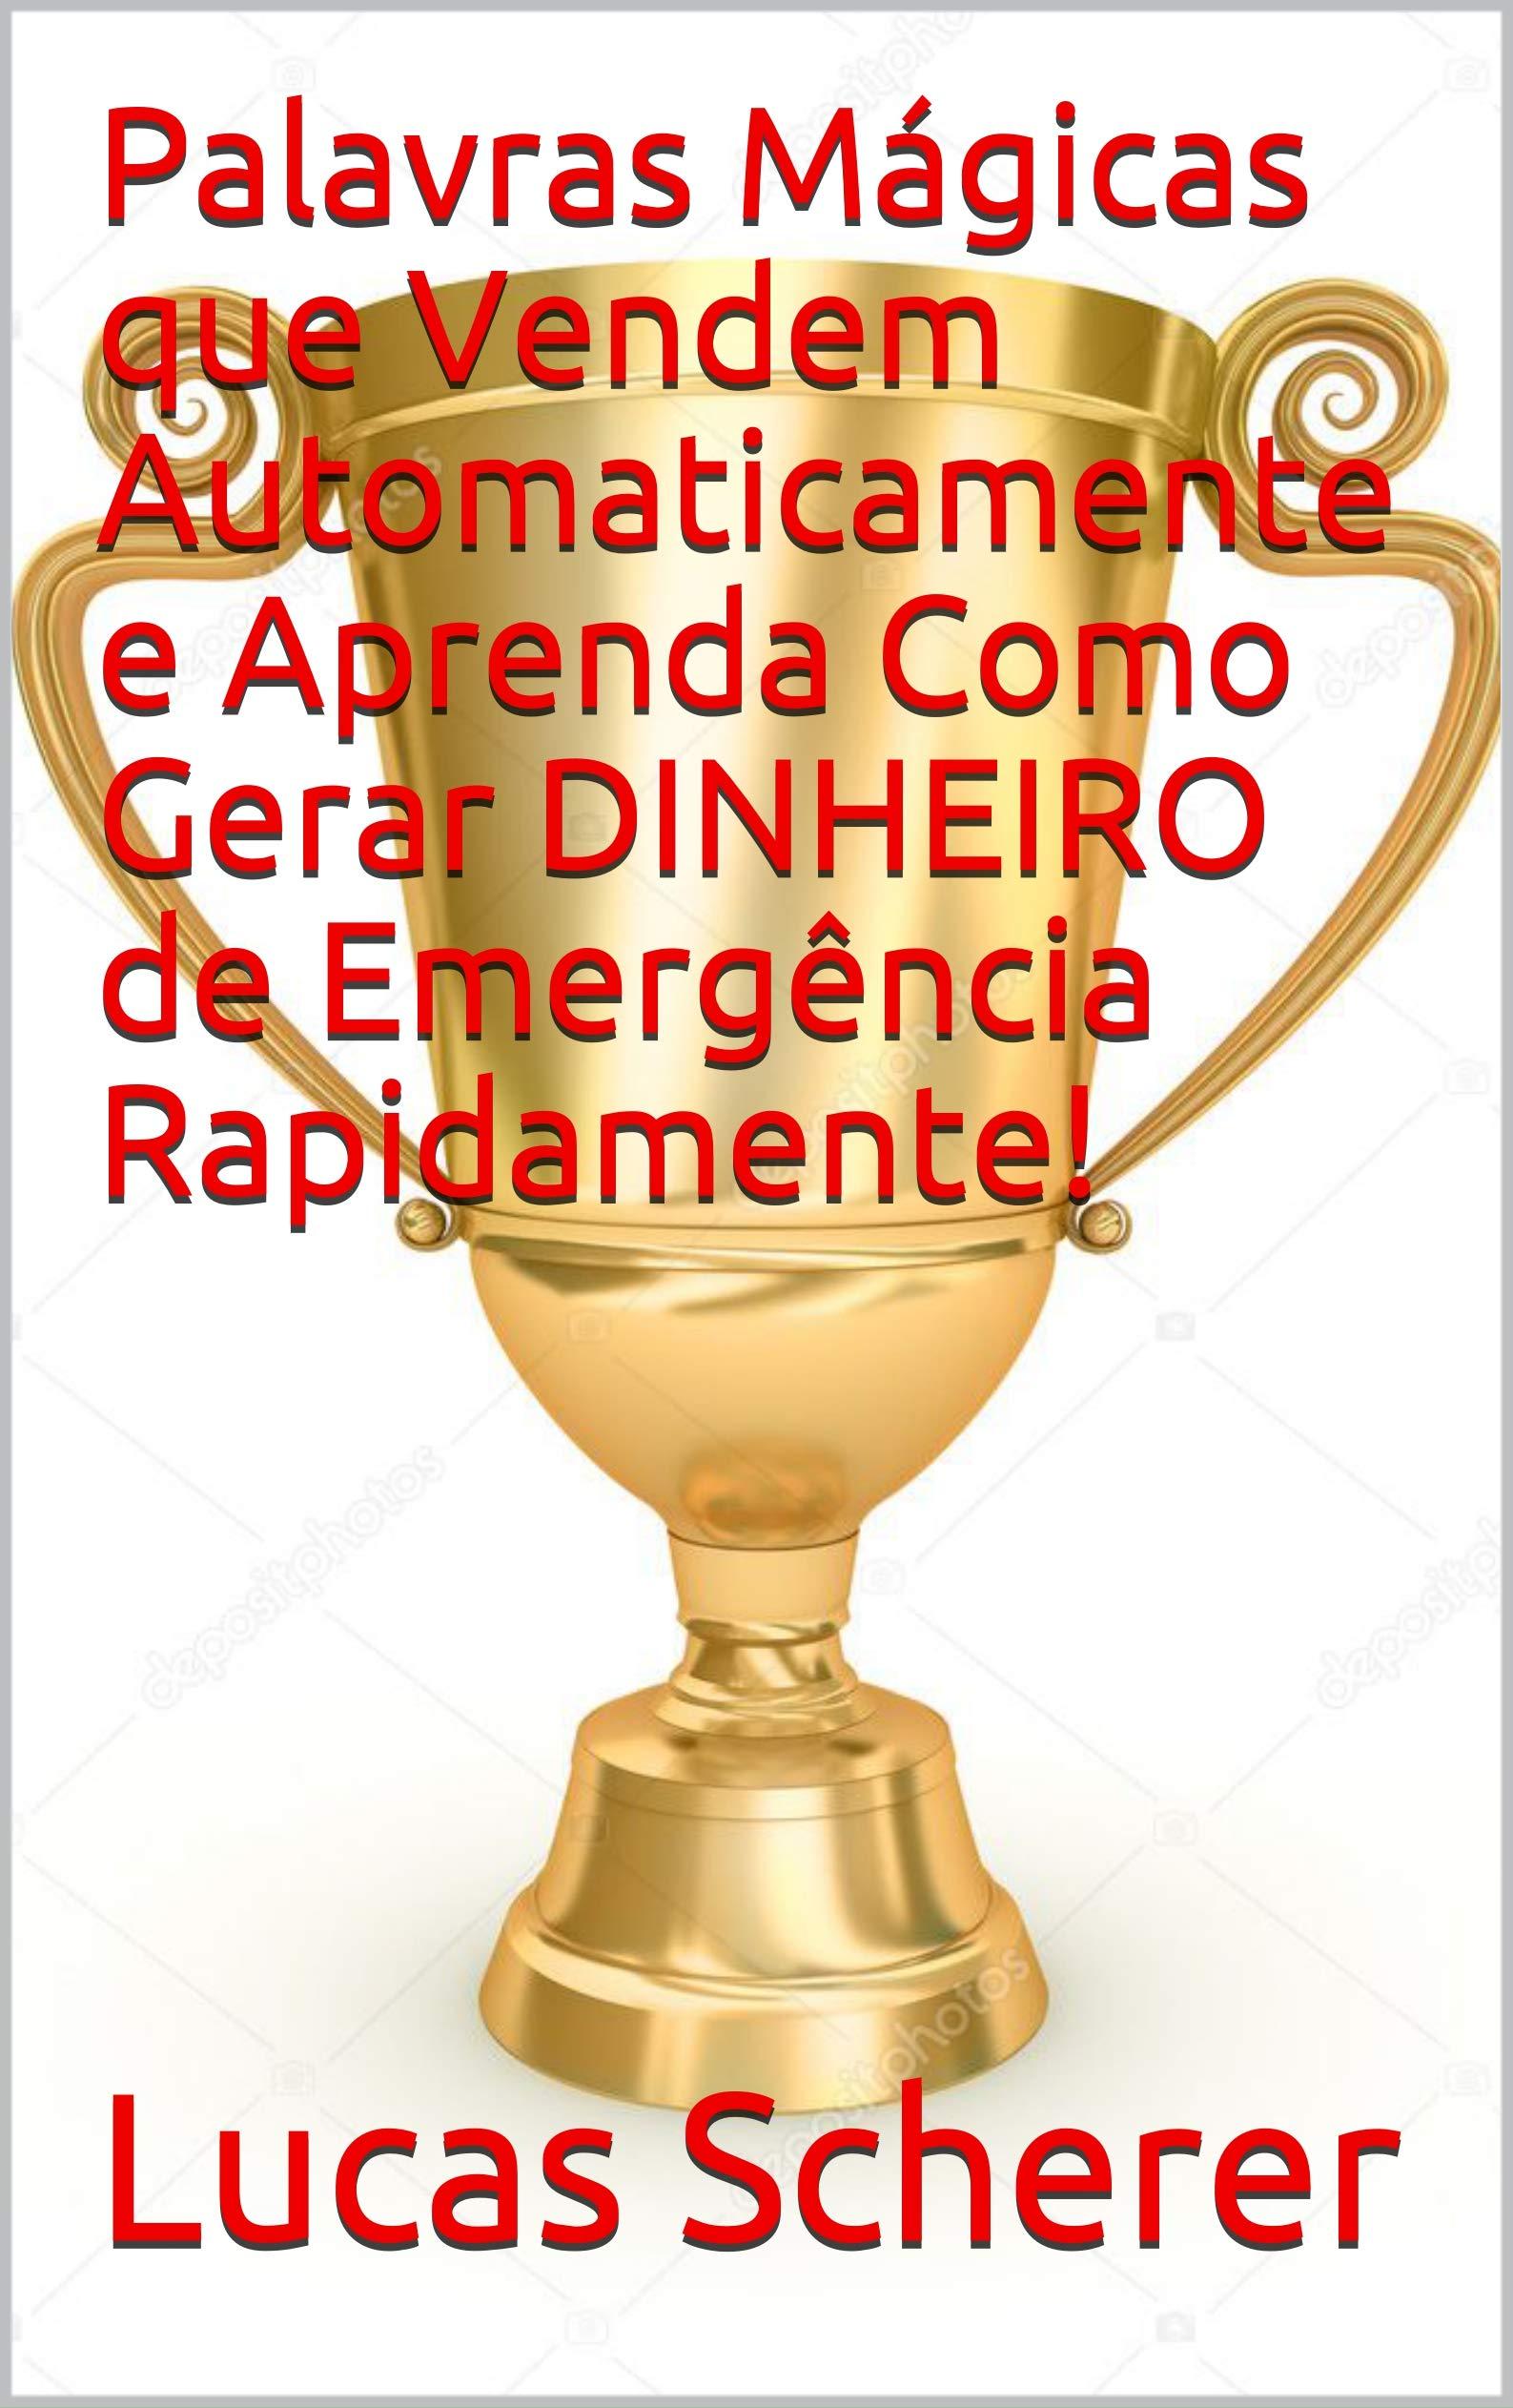 Palavras Mágicas que Vendem Automaticamente e Aprenda Como Gerar DINHEIRO de Emergência Rapidamente! (Portuguese Edition)